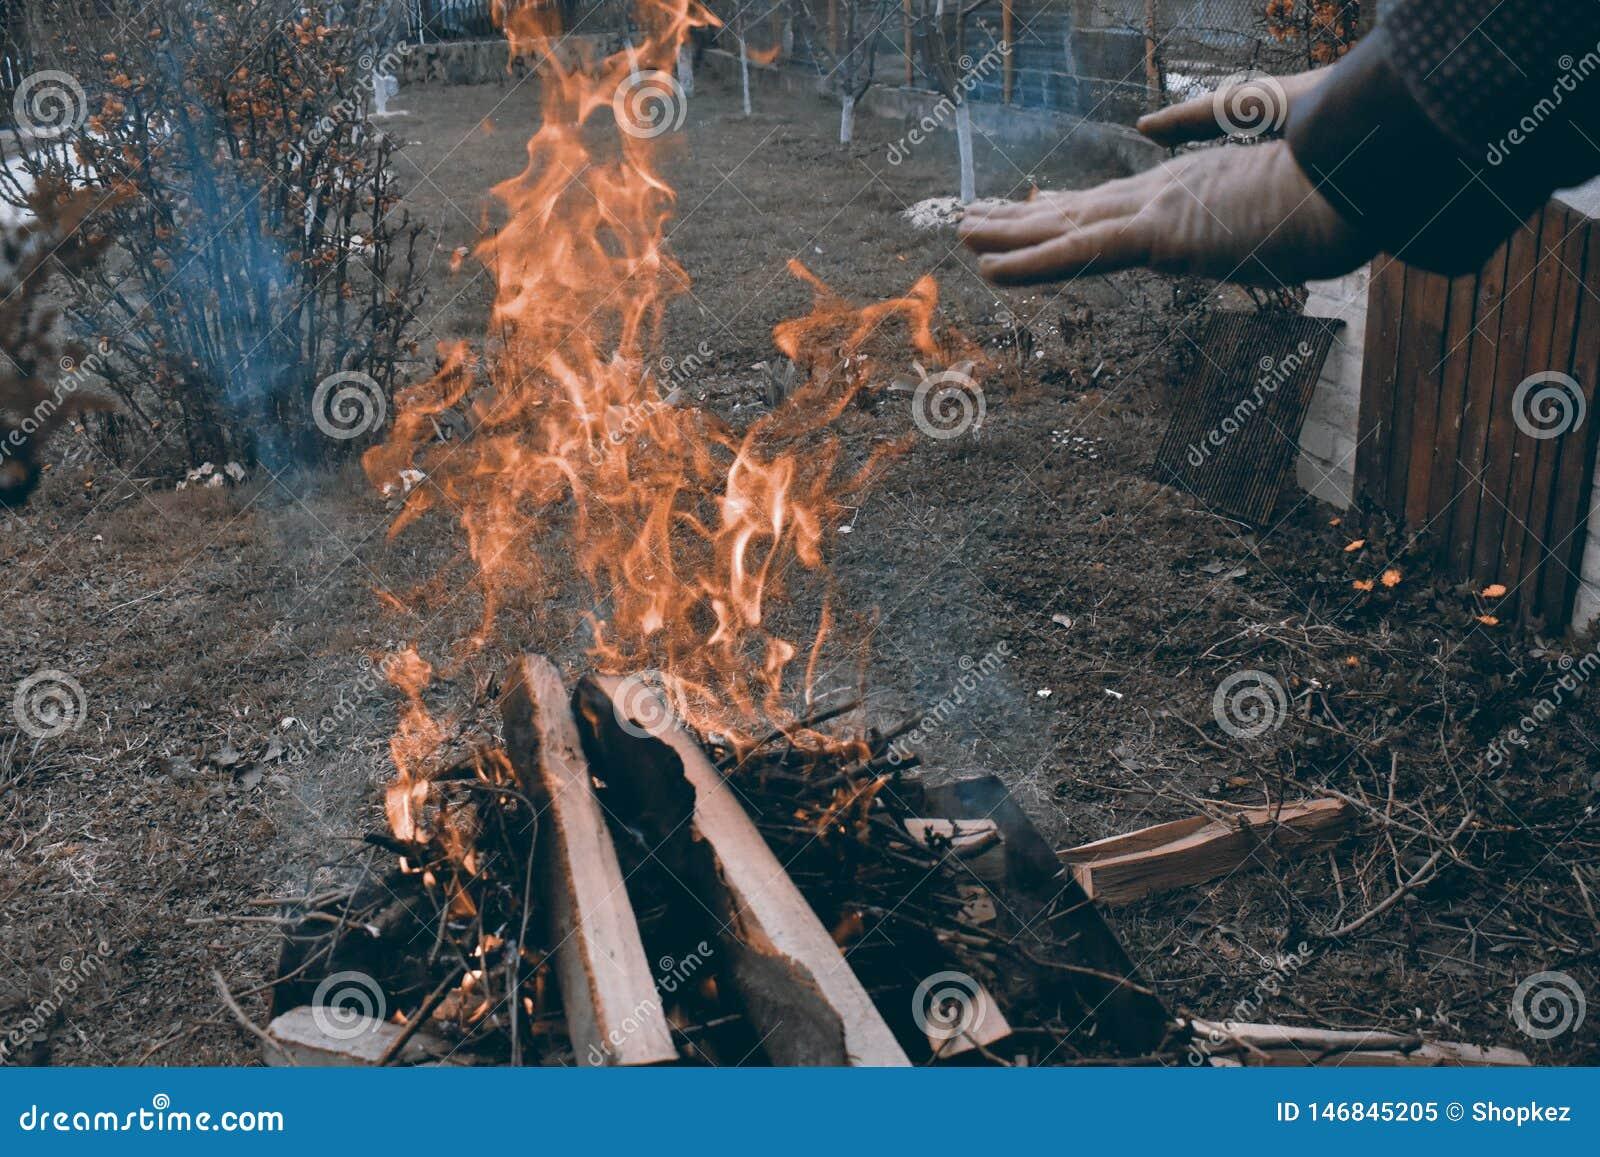 Kaukaski mężczyzna grże jego ręki przy ogniskiem w zimnej ciemnej atmosferze